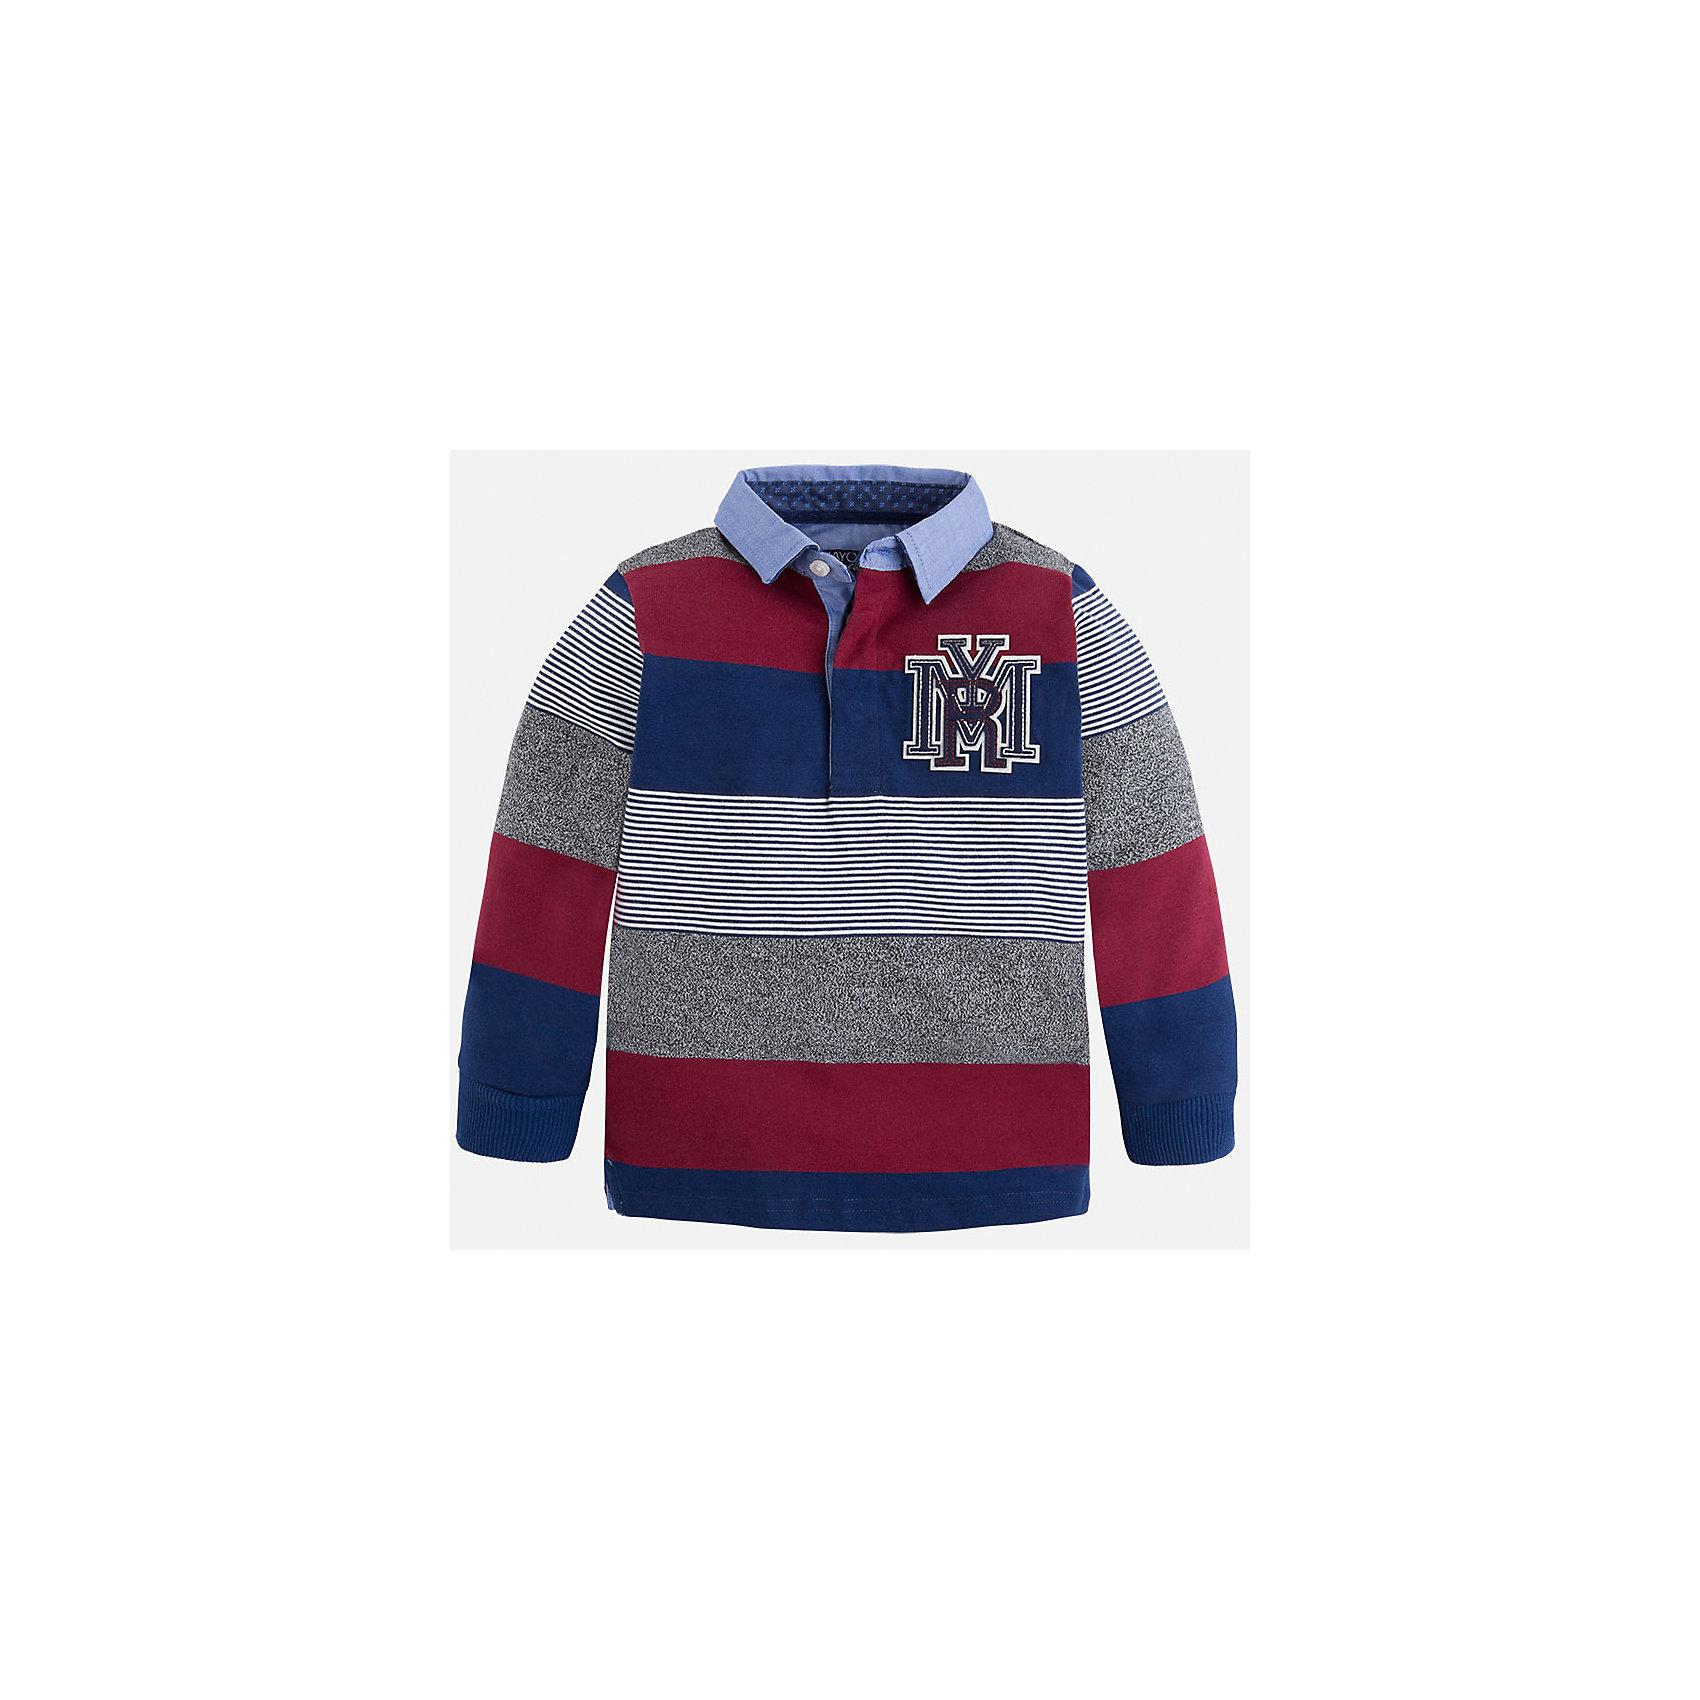 Рубашка-поло для мальчика MayoralРубашка-поло для мальчика Mayoral (Майорал) – это стильная, модная и практичная модель.<br>Полосатая рубашка-поло с длинными рукавами от известной испанской марки Mayoral (Майорал) выполненная из натурального хлопка с добавлением полиэстера, станет стильным предметом гардероба вашего мальчика. Рубашка декорирована голубым отложным воротником, манжетами и принтом с логотипом производителя. Ворот застегивается на пуговицы, застежка скрыта. Комфортный прямой крой гарантирует свободу движений.<br><br>Дополнительная информация:<br><br>- Цвет: синий, серый, бордовый, голубой<br>- Состав: 90% хлопок, 10% полиэстер<br>- Уход: бережная стирка при 30 градусах<br><br>Рубашку-поло для мальчика Mayoral (Майорал) можно купить в нашем интернет-магазине.<br><br>Ширина мм: 174<br>Глубина мм: 10<br>Высота мм: 169<br>Вес г: 157<br>Цвет: синий<br>Возраст от месяцев: 60<br>Возраст до месяцев: 72<br>Пол: Мужской<br>Возраст: Детский<br>Размер: 116,98,110,128,104,134,122<br>SKU: 4820969